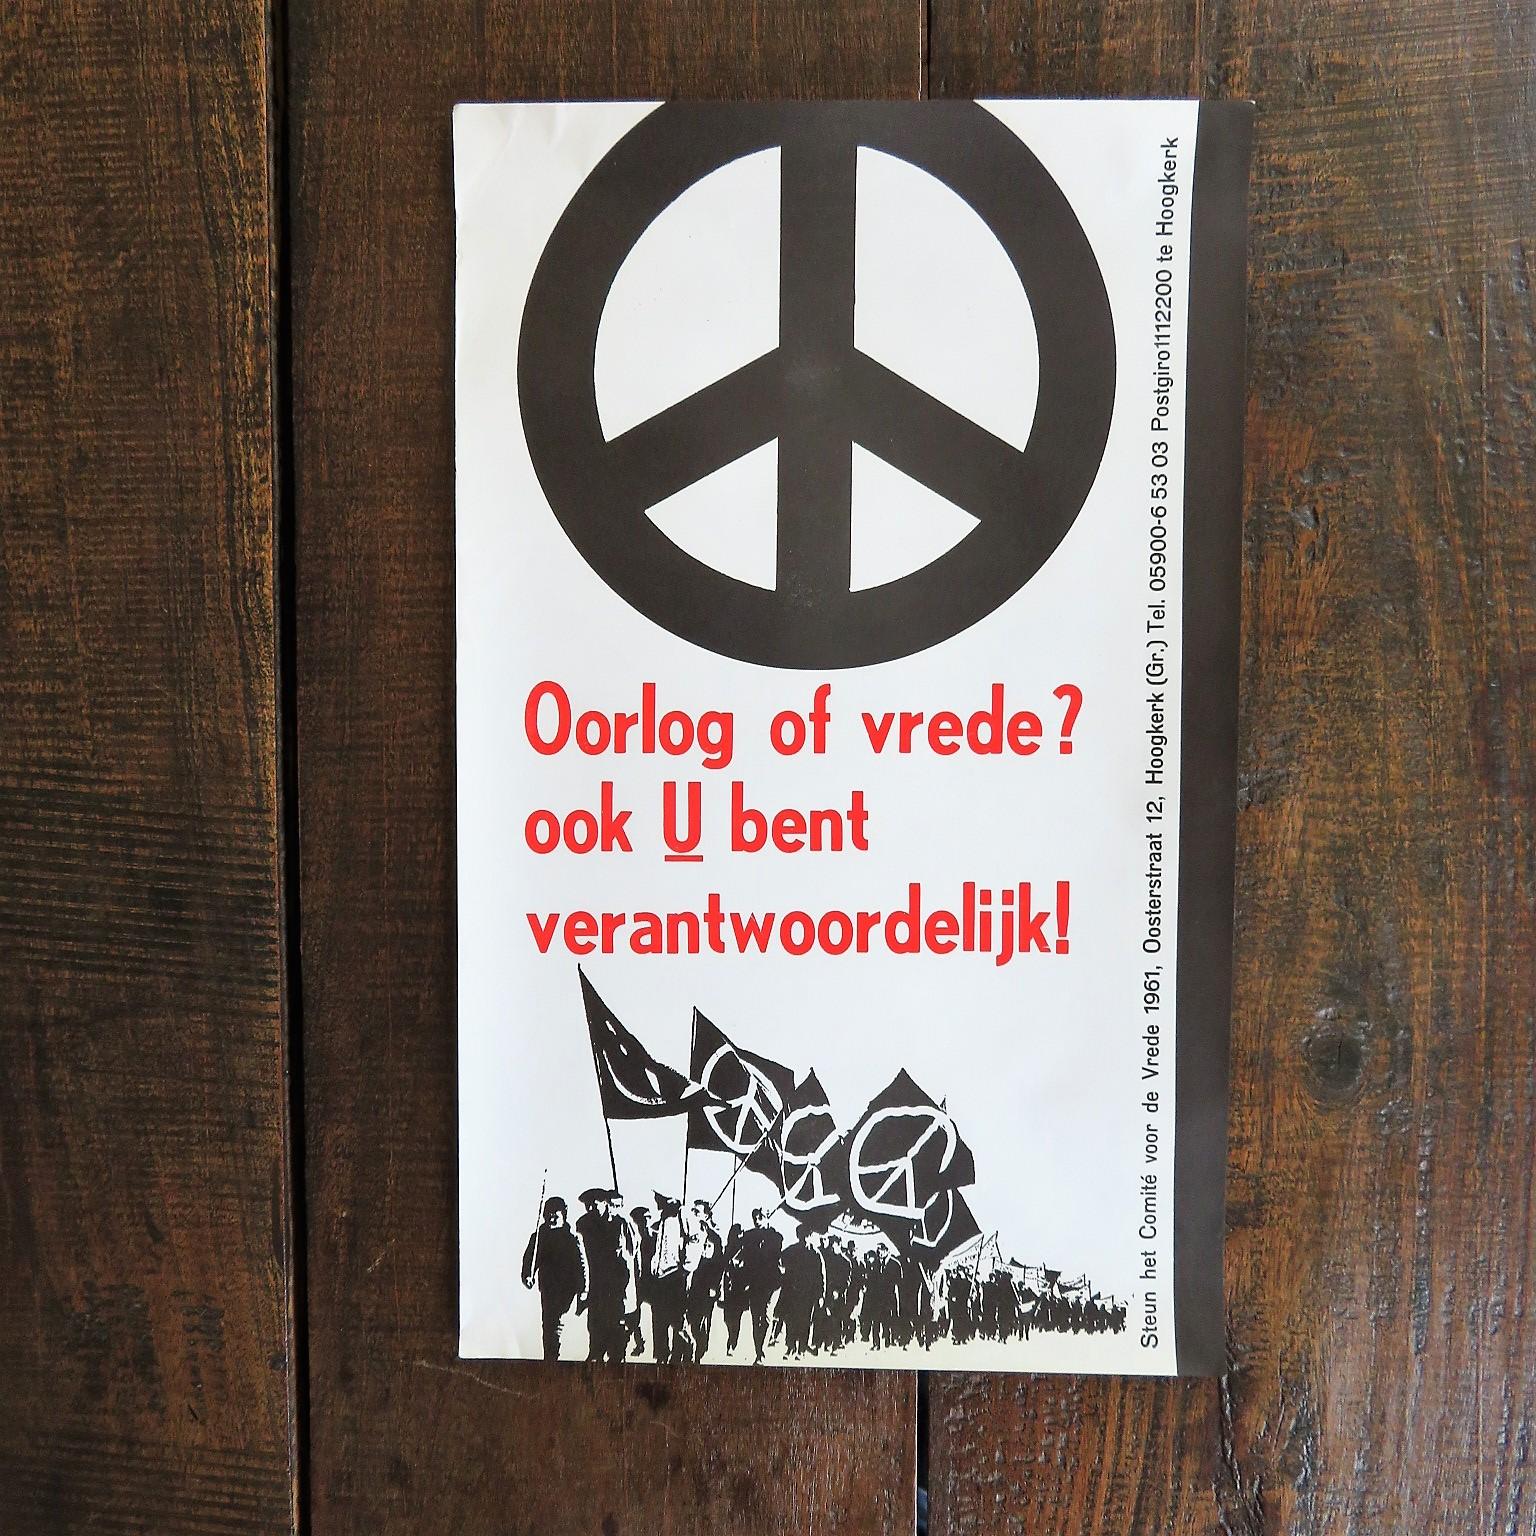 poster-oorlog-of-vrede-u-bent-verantwoordelijk